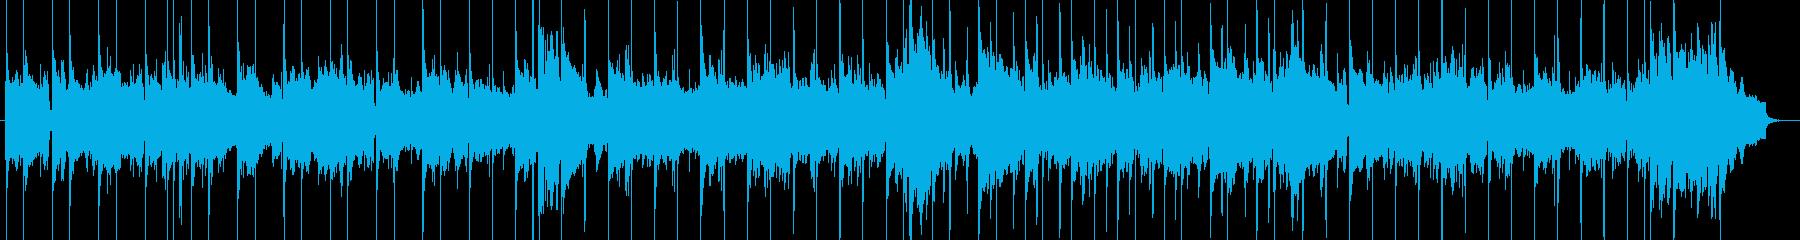 R&BスローバラードBGMの再生済みの波形